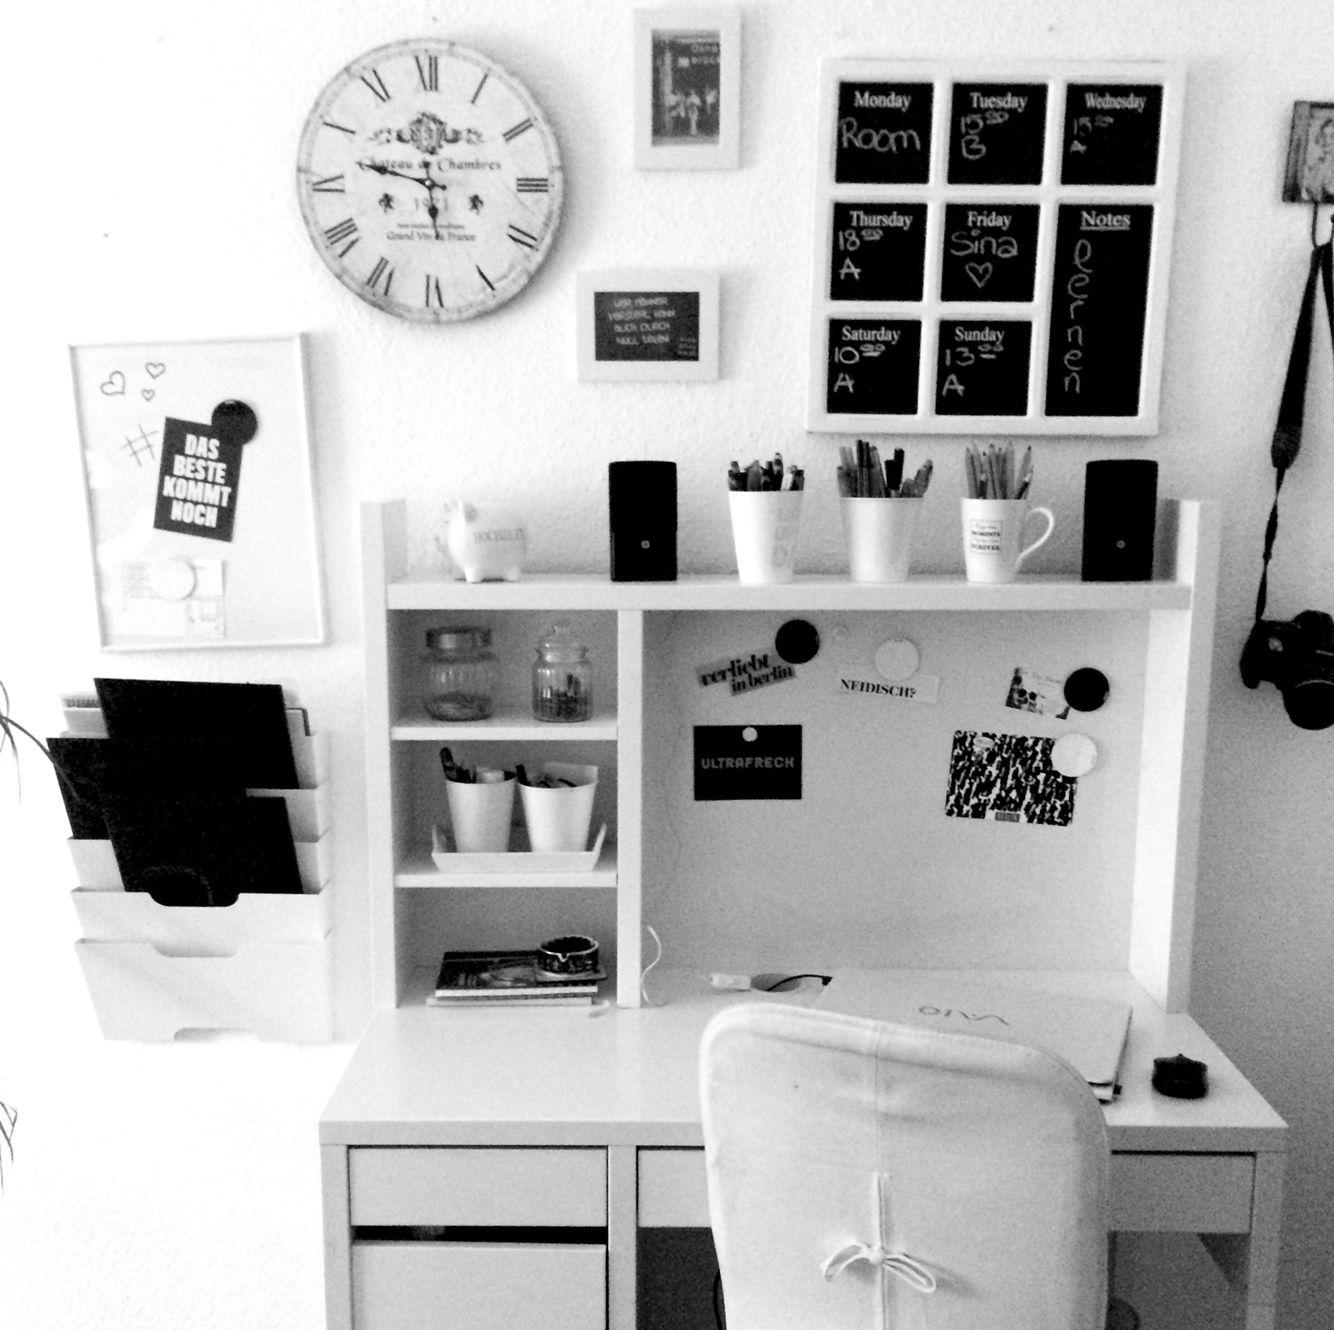 Arbeitsplatz, Schreibtische, Aufgeräumtes Zimmer, Platz Auf Dem  Schreibtisch, Weißes Schlafzimmer, Zimmerdekoration, Büro Design, Ikea  Schreibtisch Weiß, ...